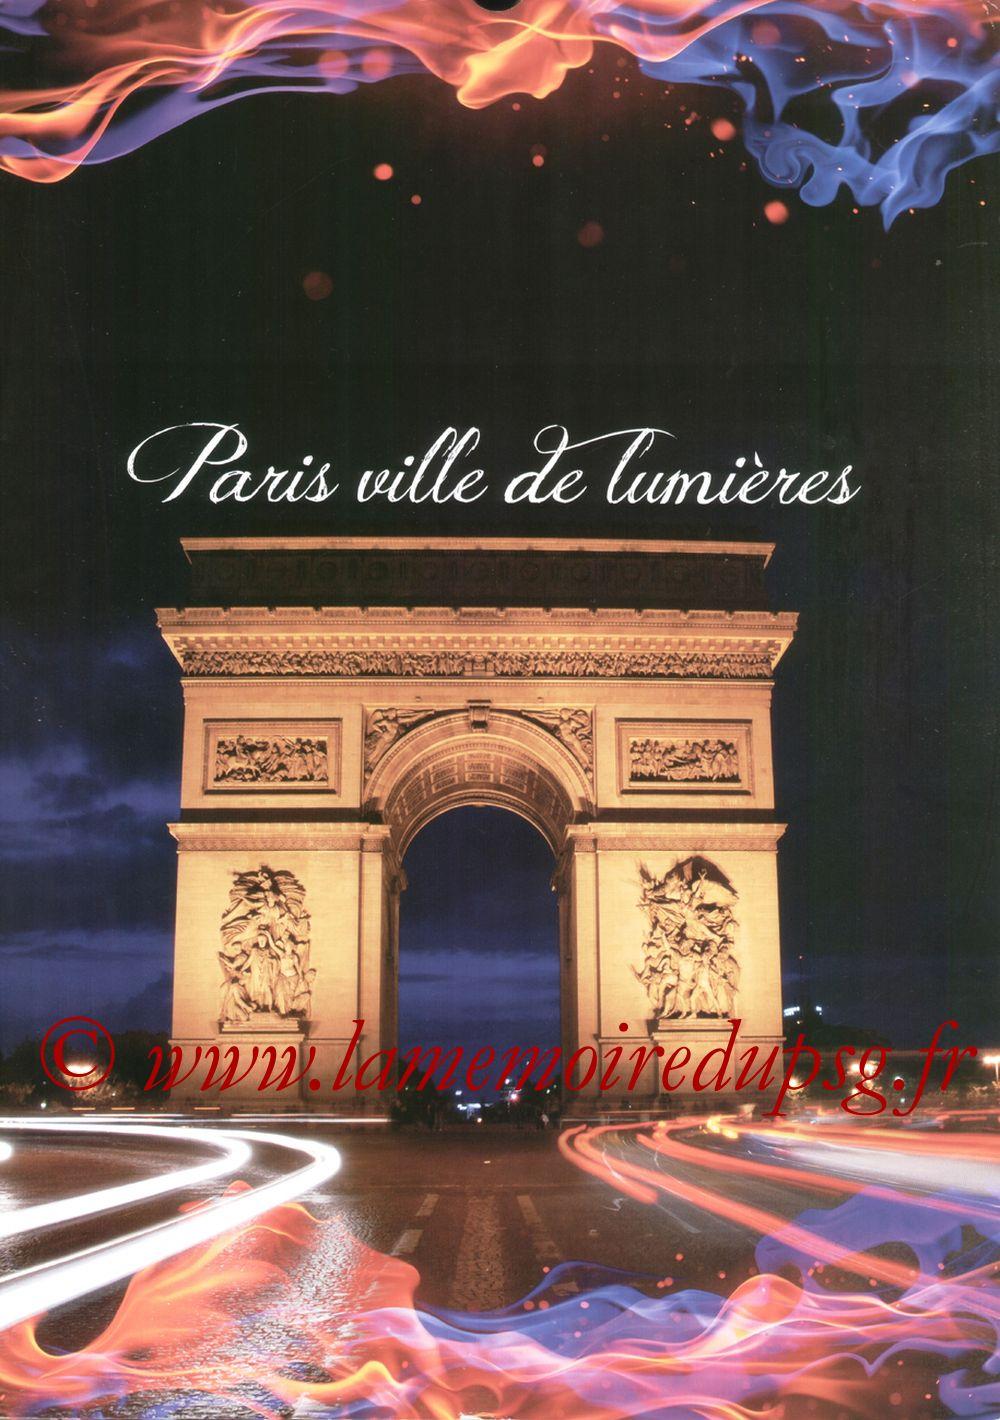 Calendrier PSG 2012bis - Page 13 - Paris ville de lumières